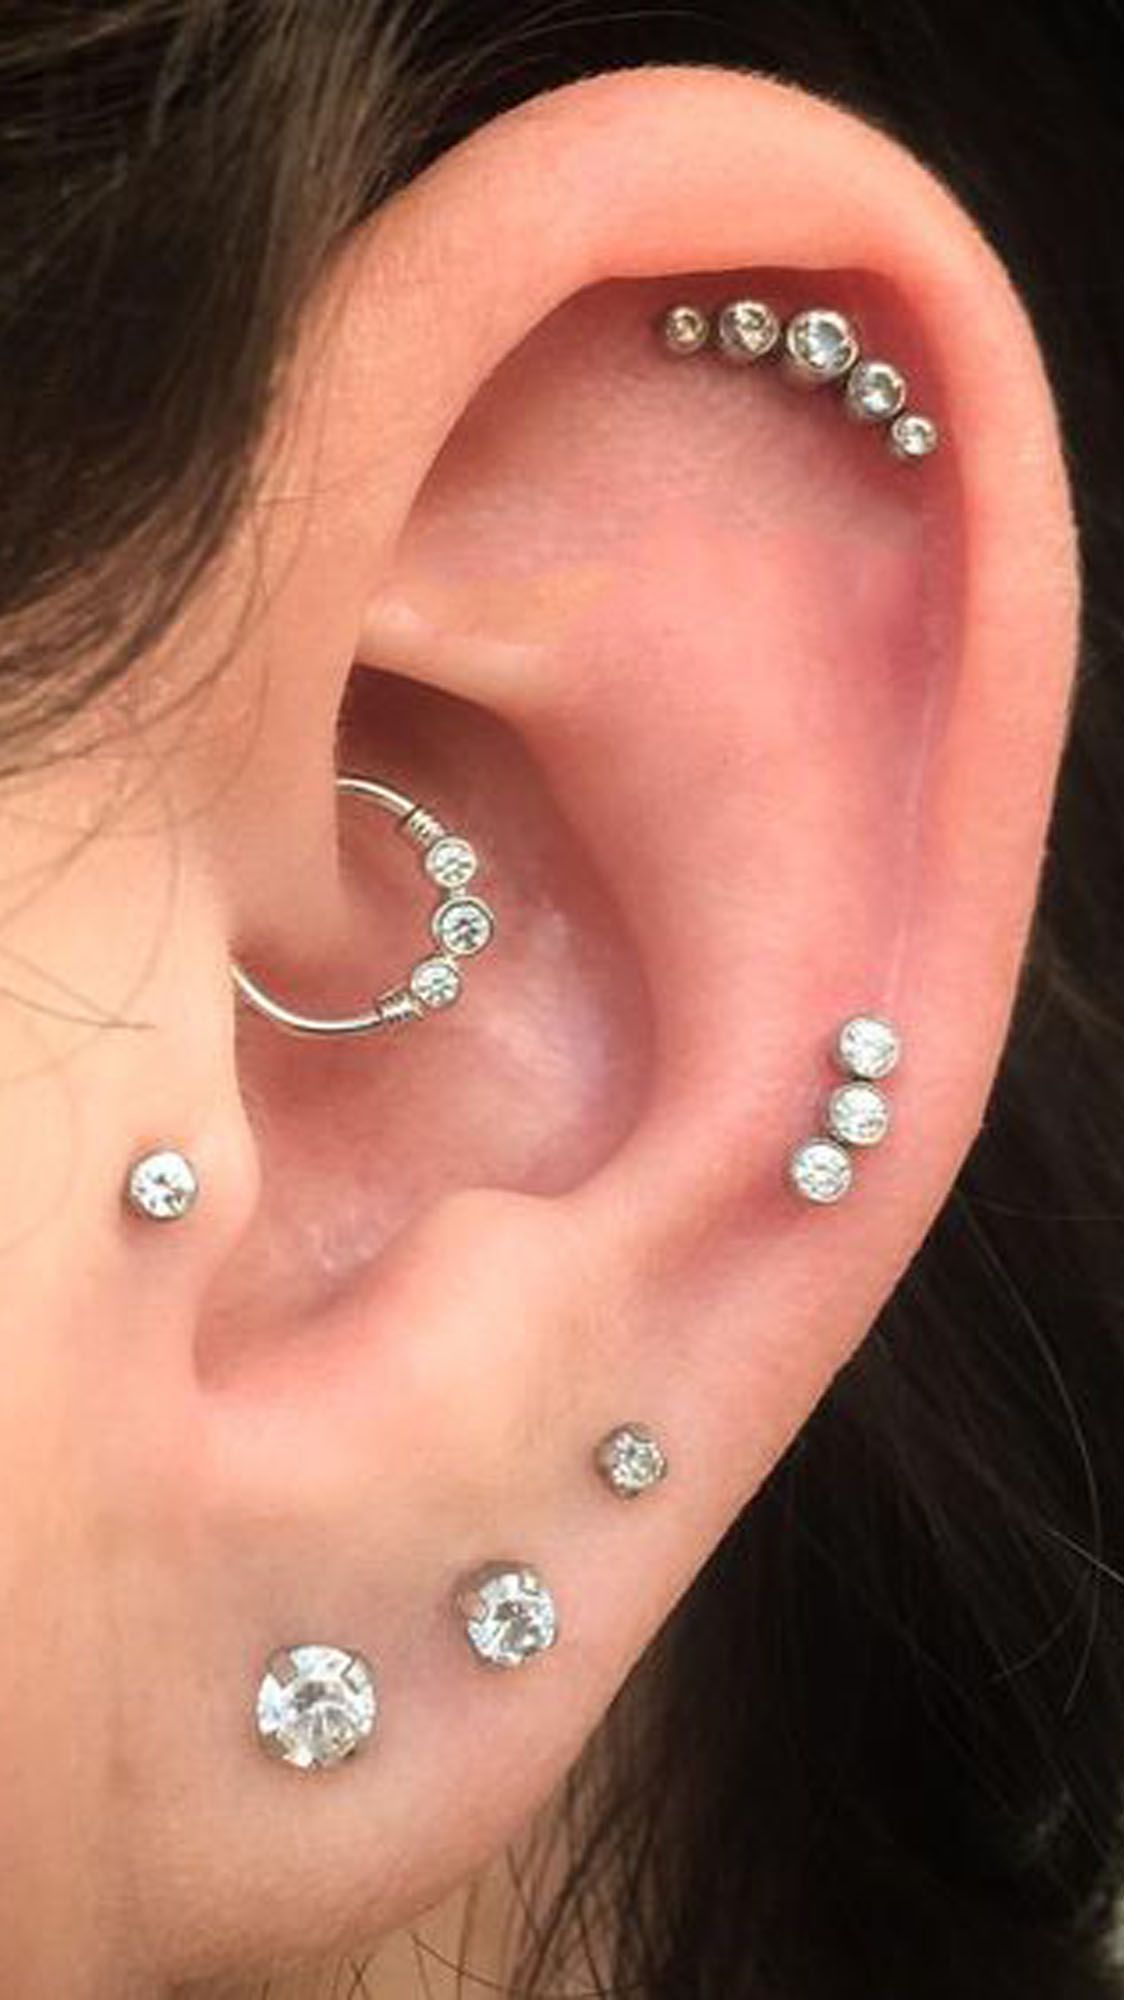 Piercing ideas for girls  cute triple crystal daith earring ring hoop ear piercing jewelry